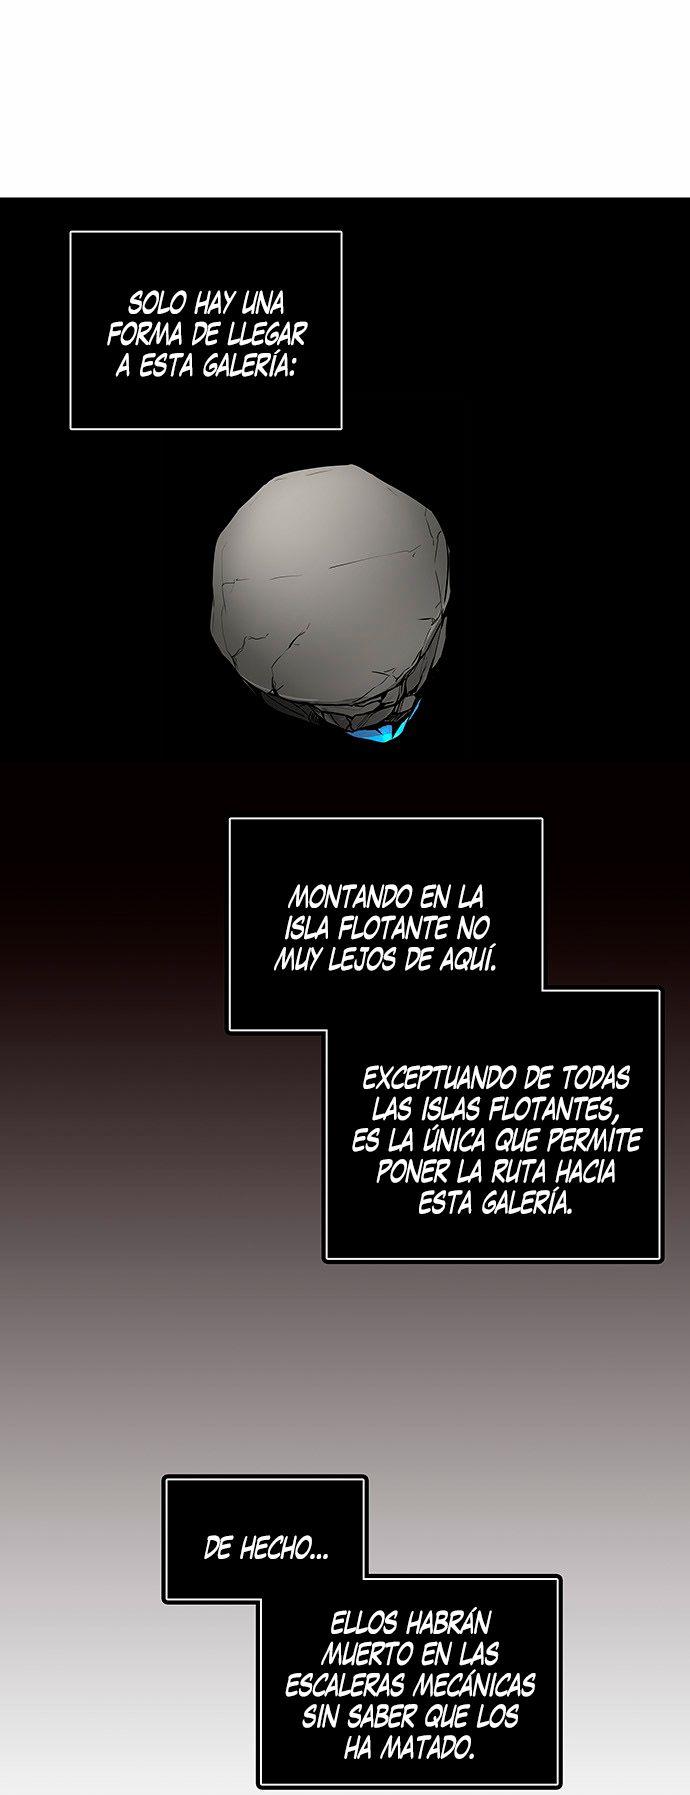 https://c5.ninemanga.com/es_manga/pic2/21/149/501713/7c1ccb4ab8f78a666a04dd021012b14a.jpg Page 53